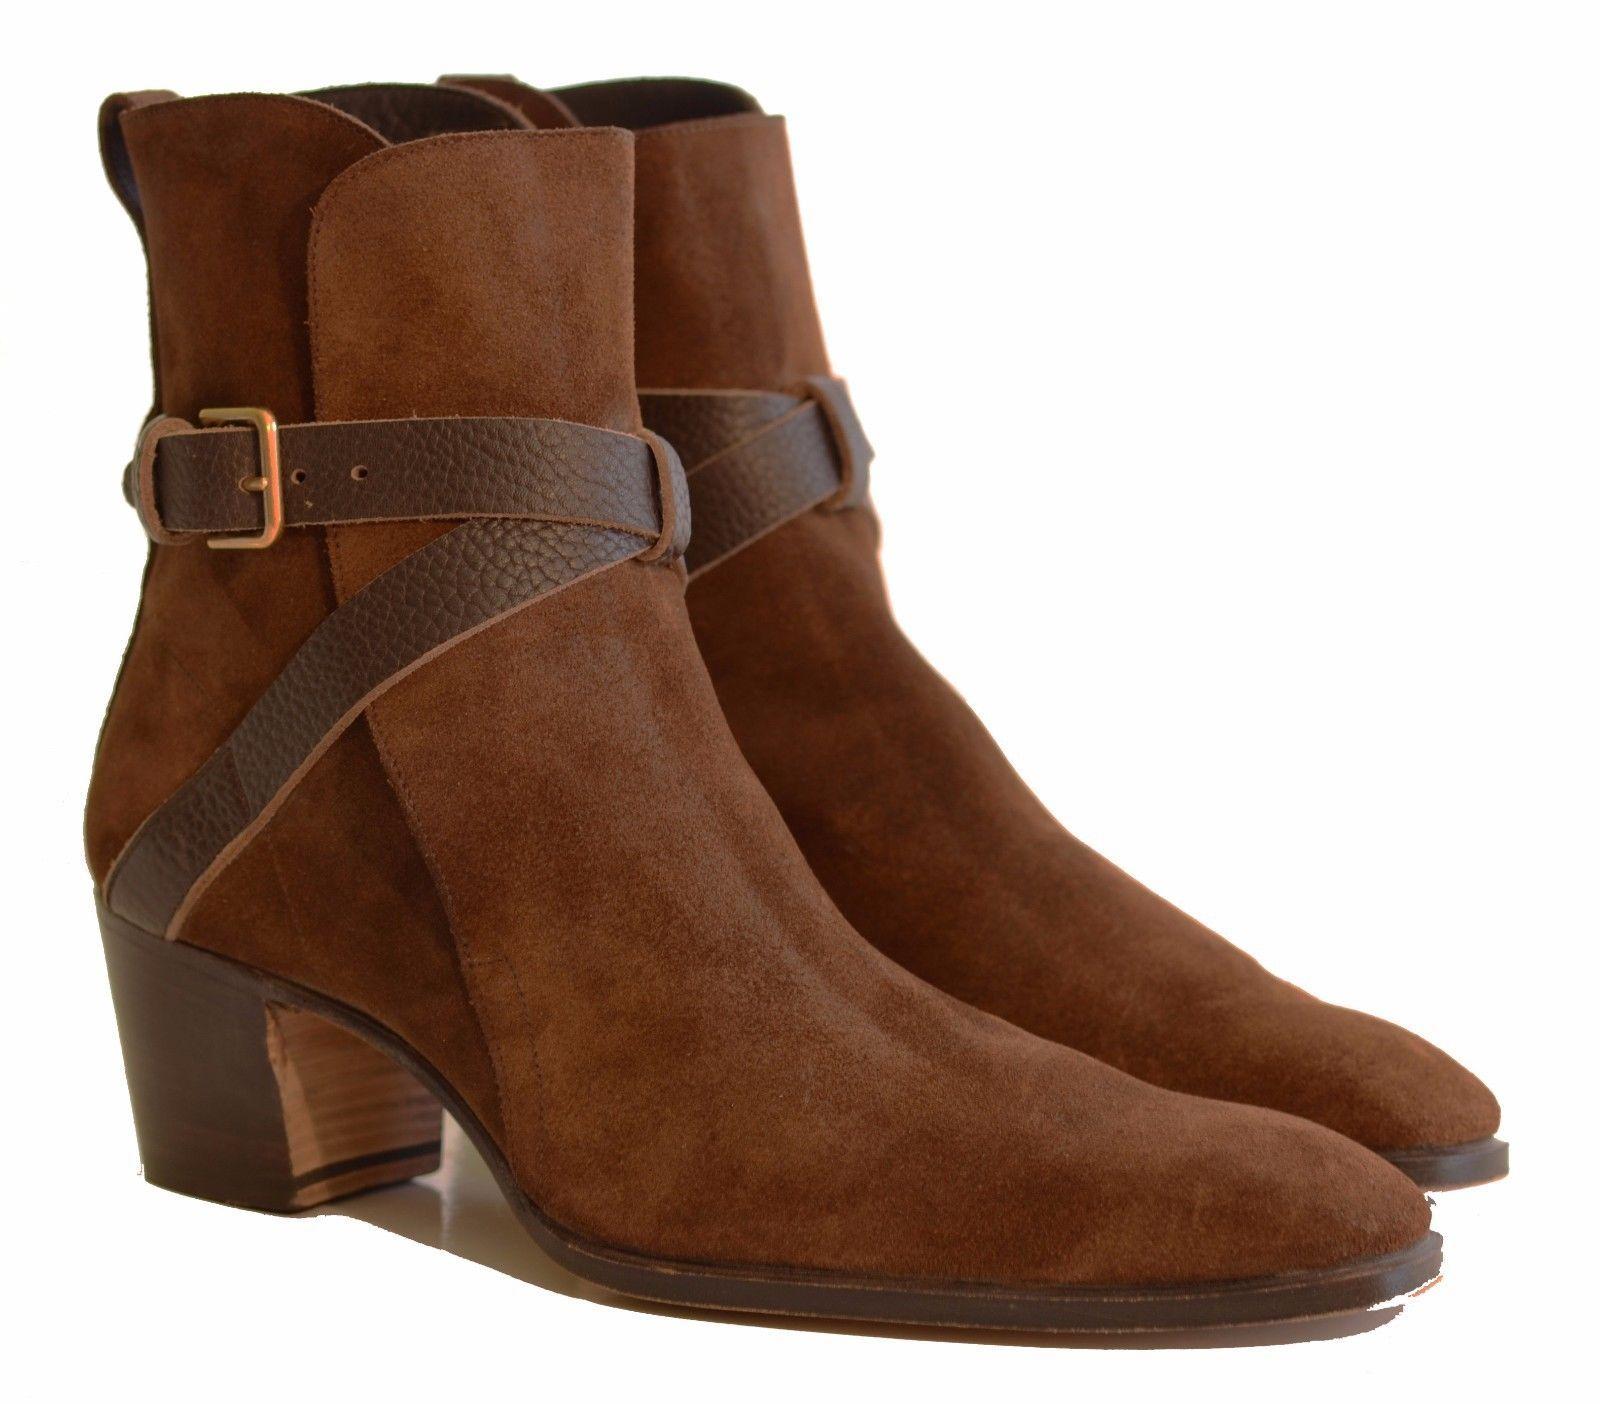 YSL Yves Saint Laurent Brown Jonny Betis Jodhpur Ankle Boots 42 9 5 Tom  Ford  c0927c47ca14